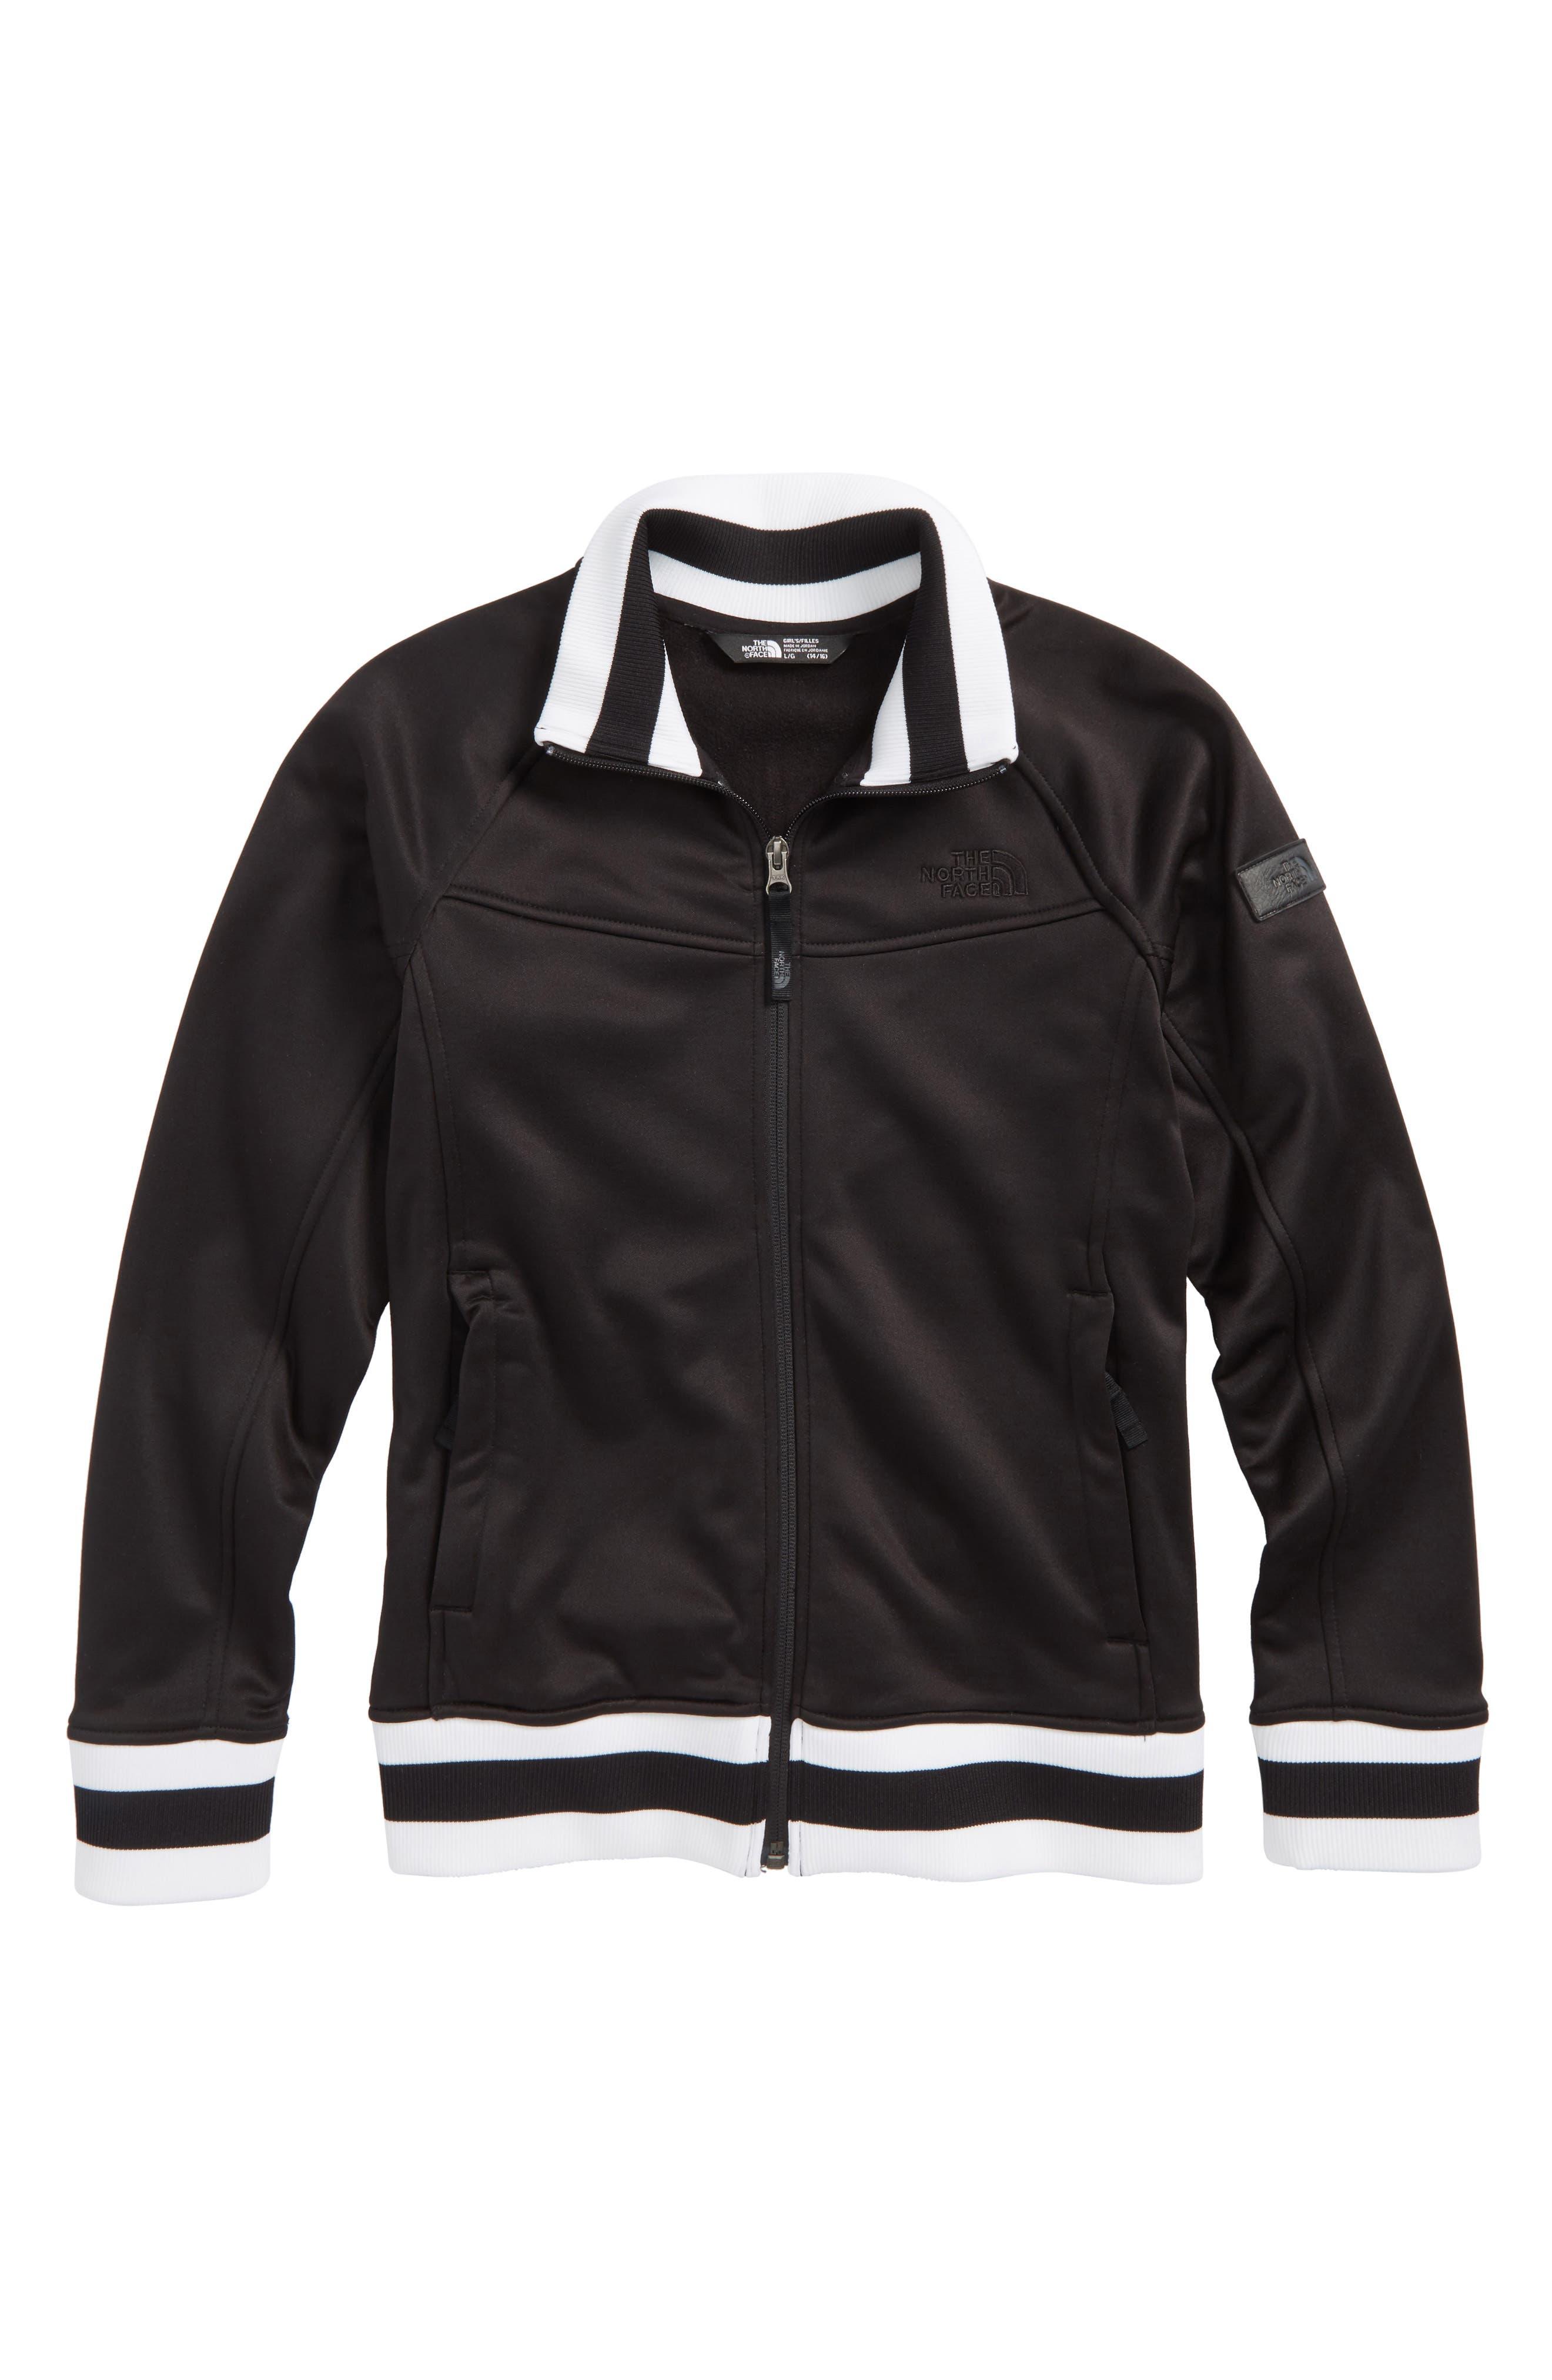 Takeback Track Jacket,                         Main,                         color, 001